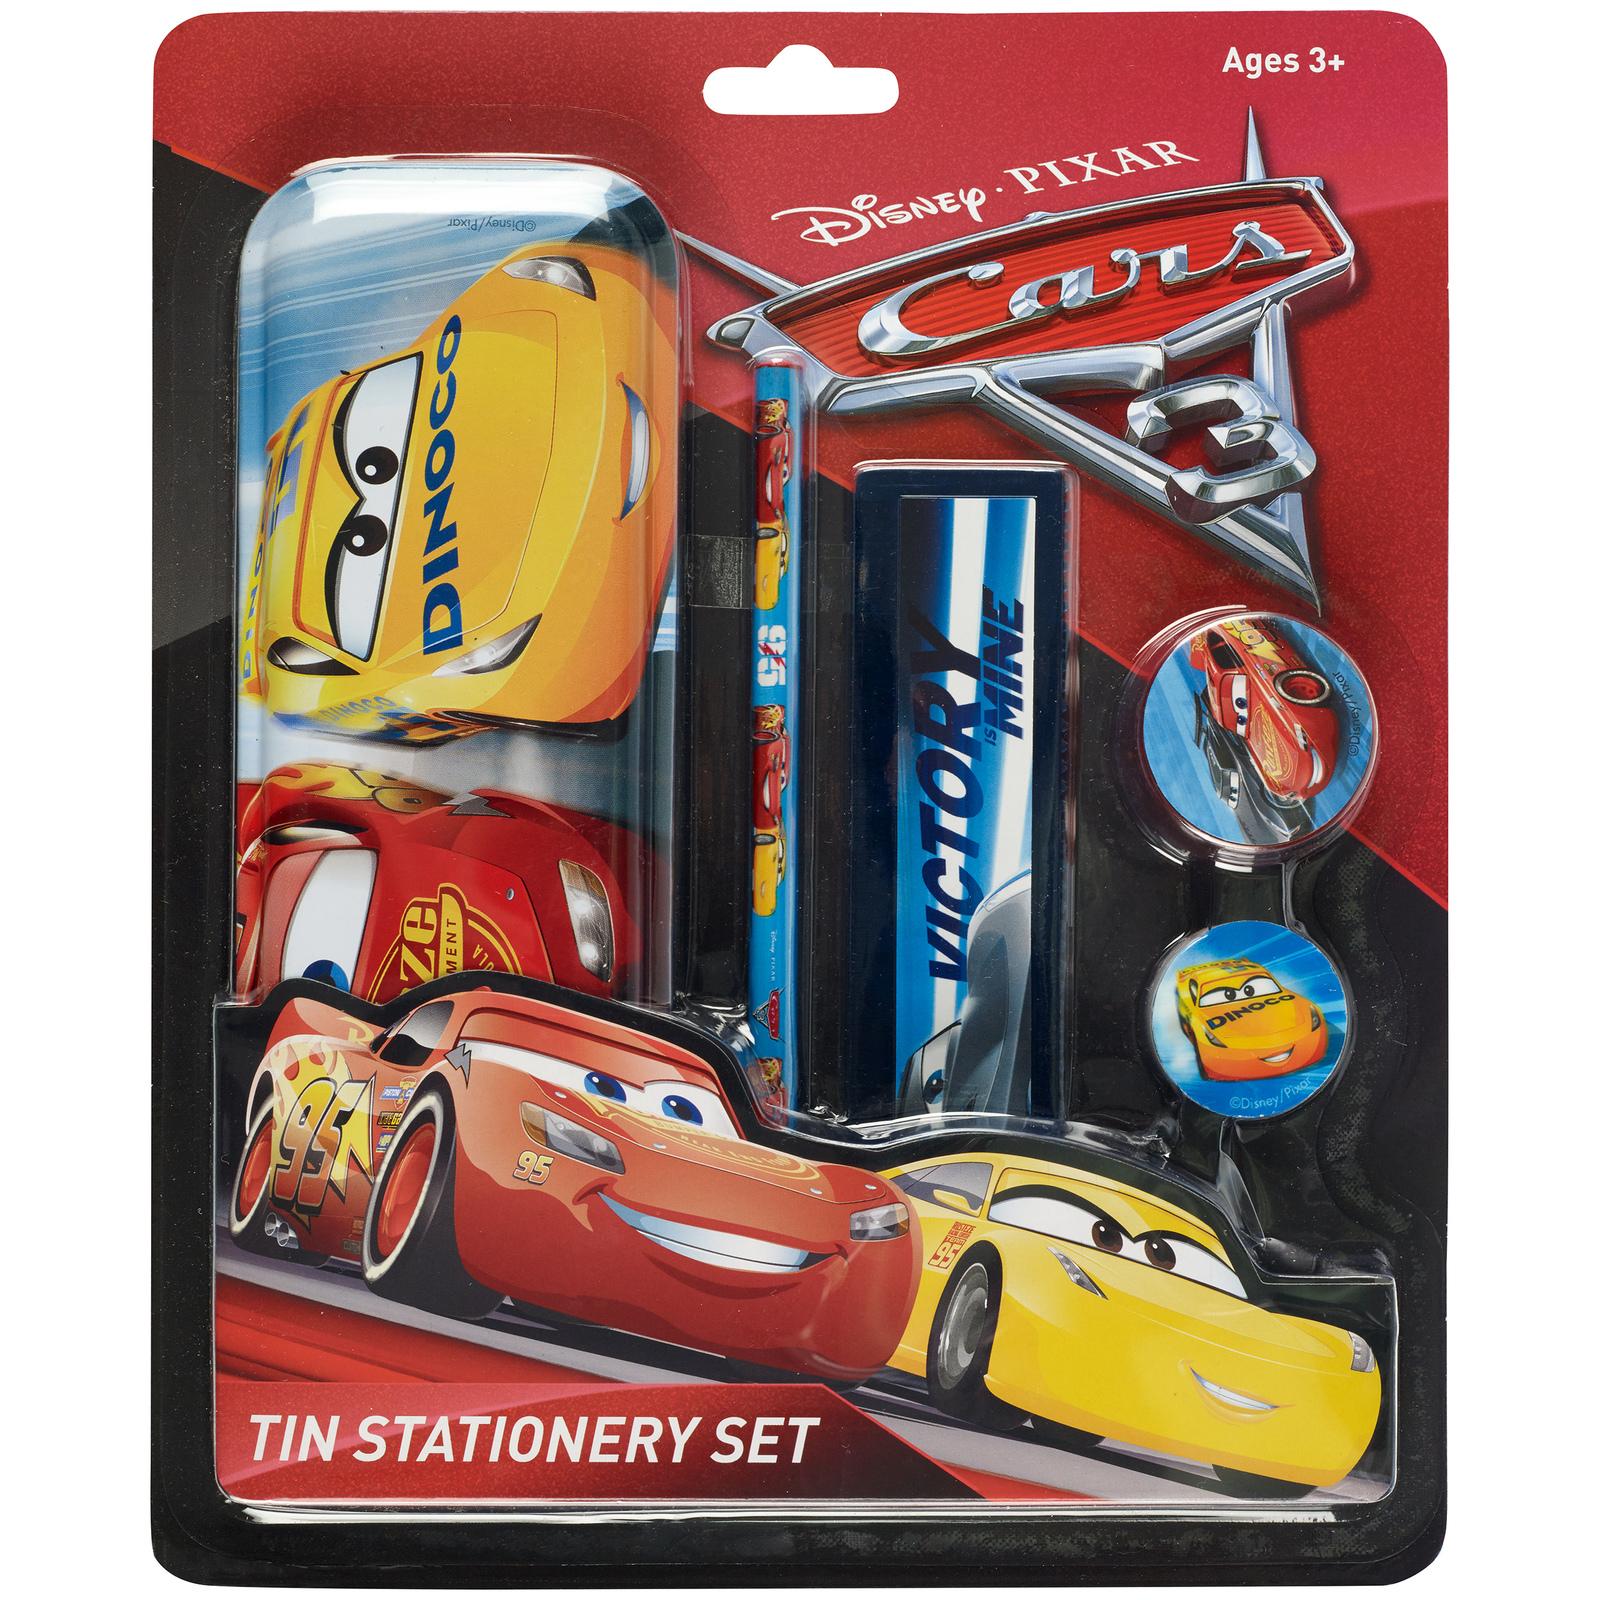 Disney Cars 3 Tin Case Stationery Set image